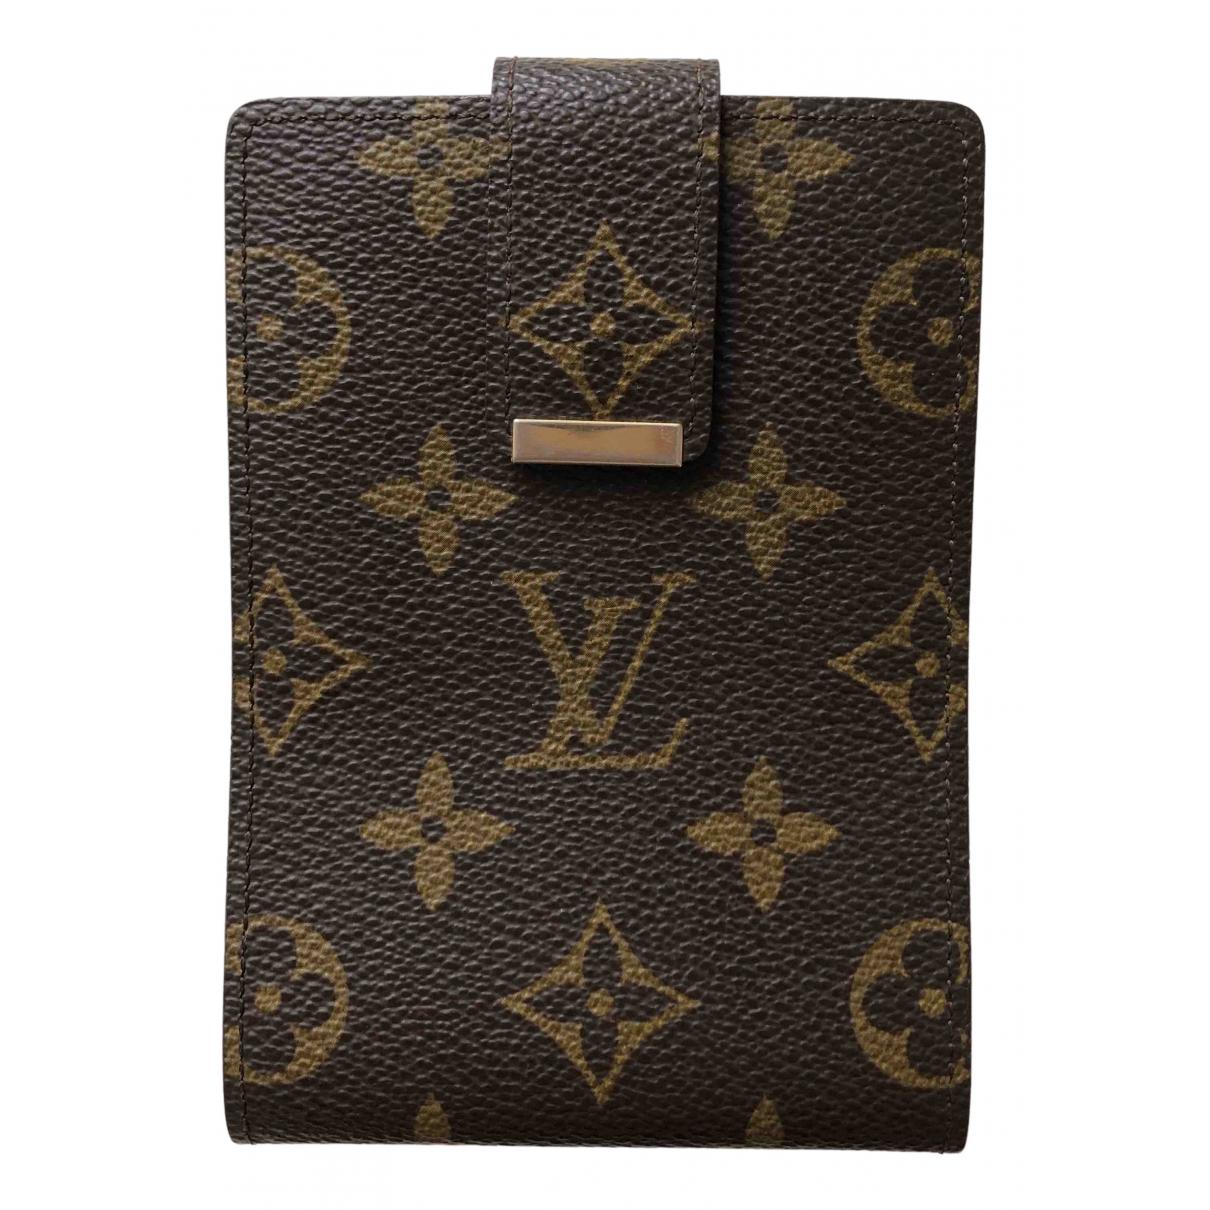 Louis Vuitton N Cloth Home decor for Life & Living N